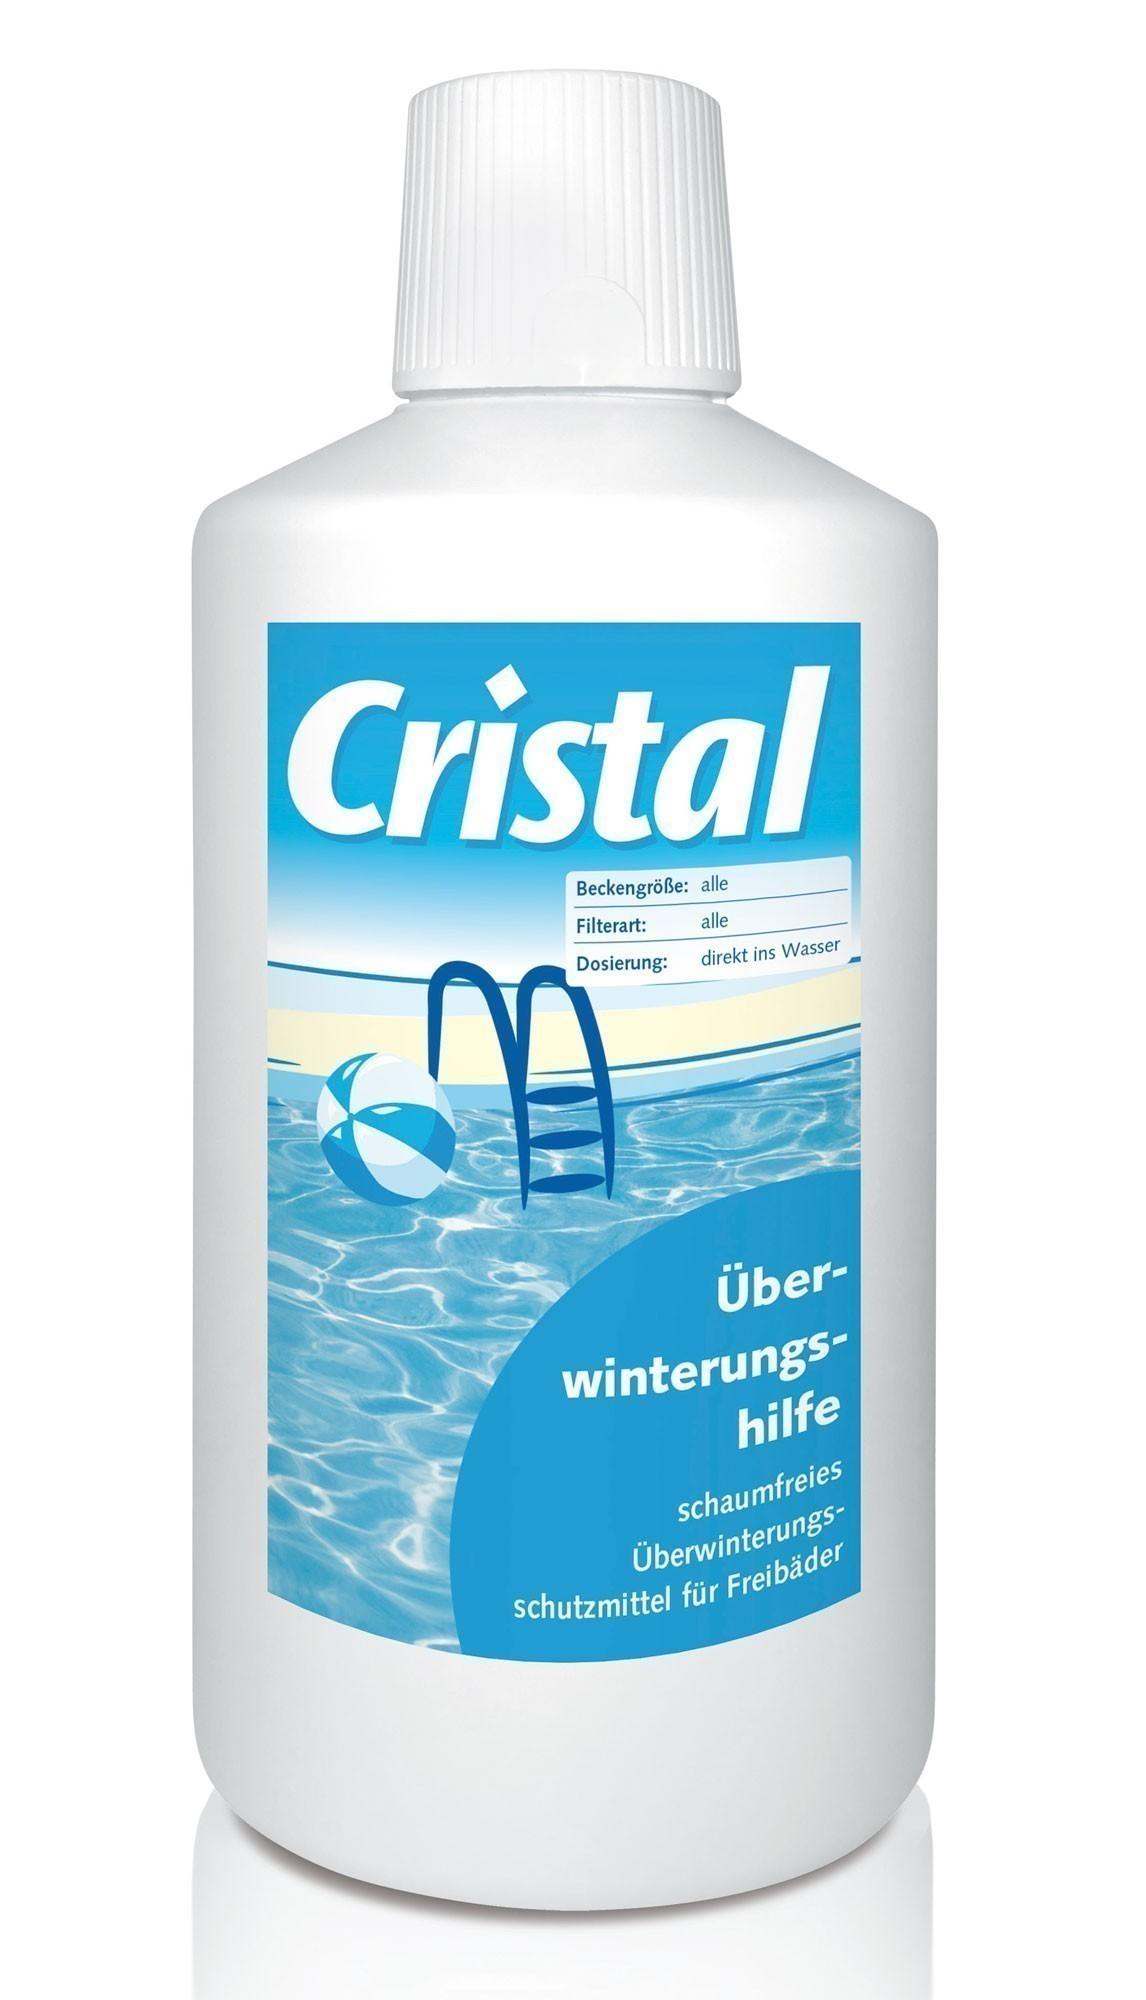 Cristal Wasserpflege Winterschutzmittel für Schwimmbad 1 Liter Bild 1